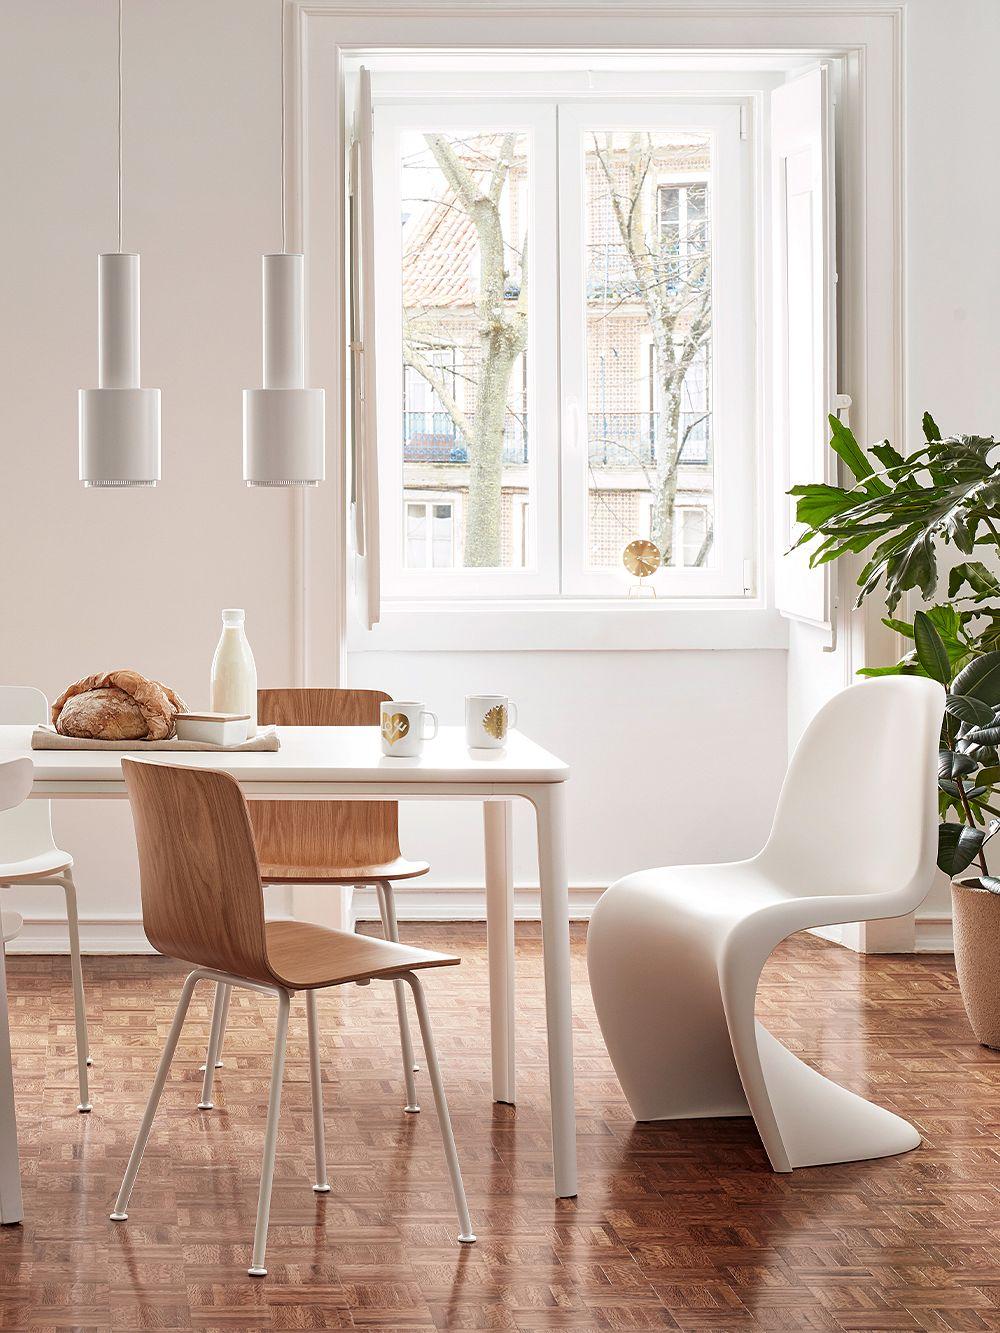 Vitra Panton chair, white